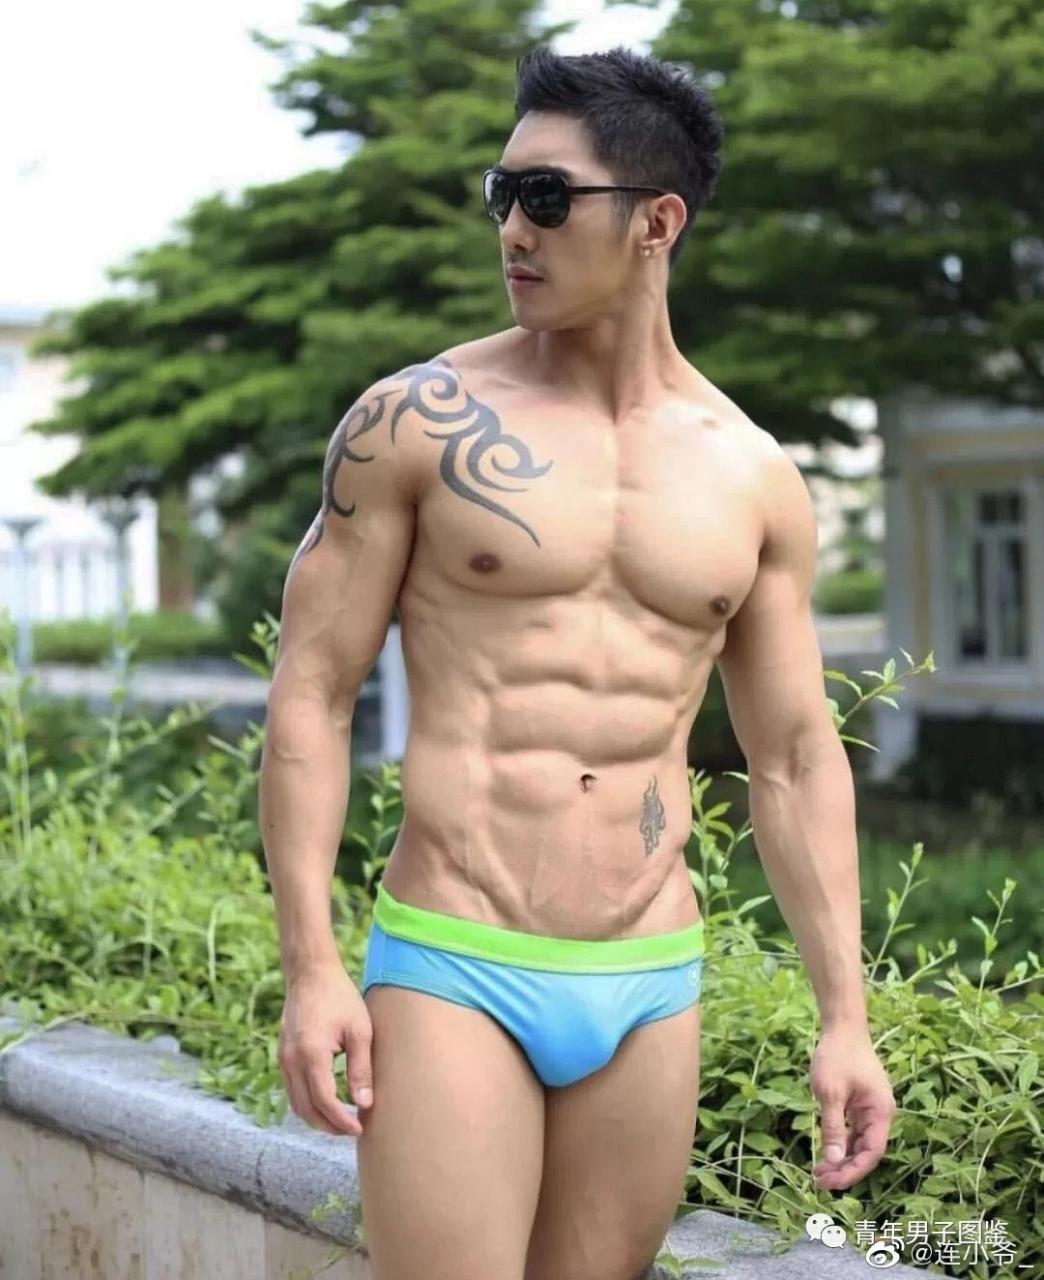 纹身肌肉男,东南亚面孔,胸不错